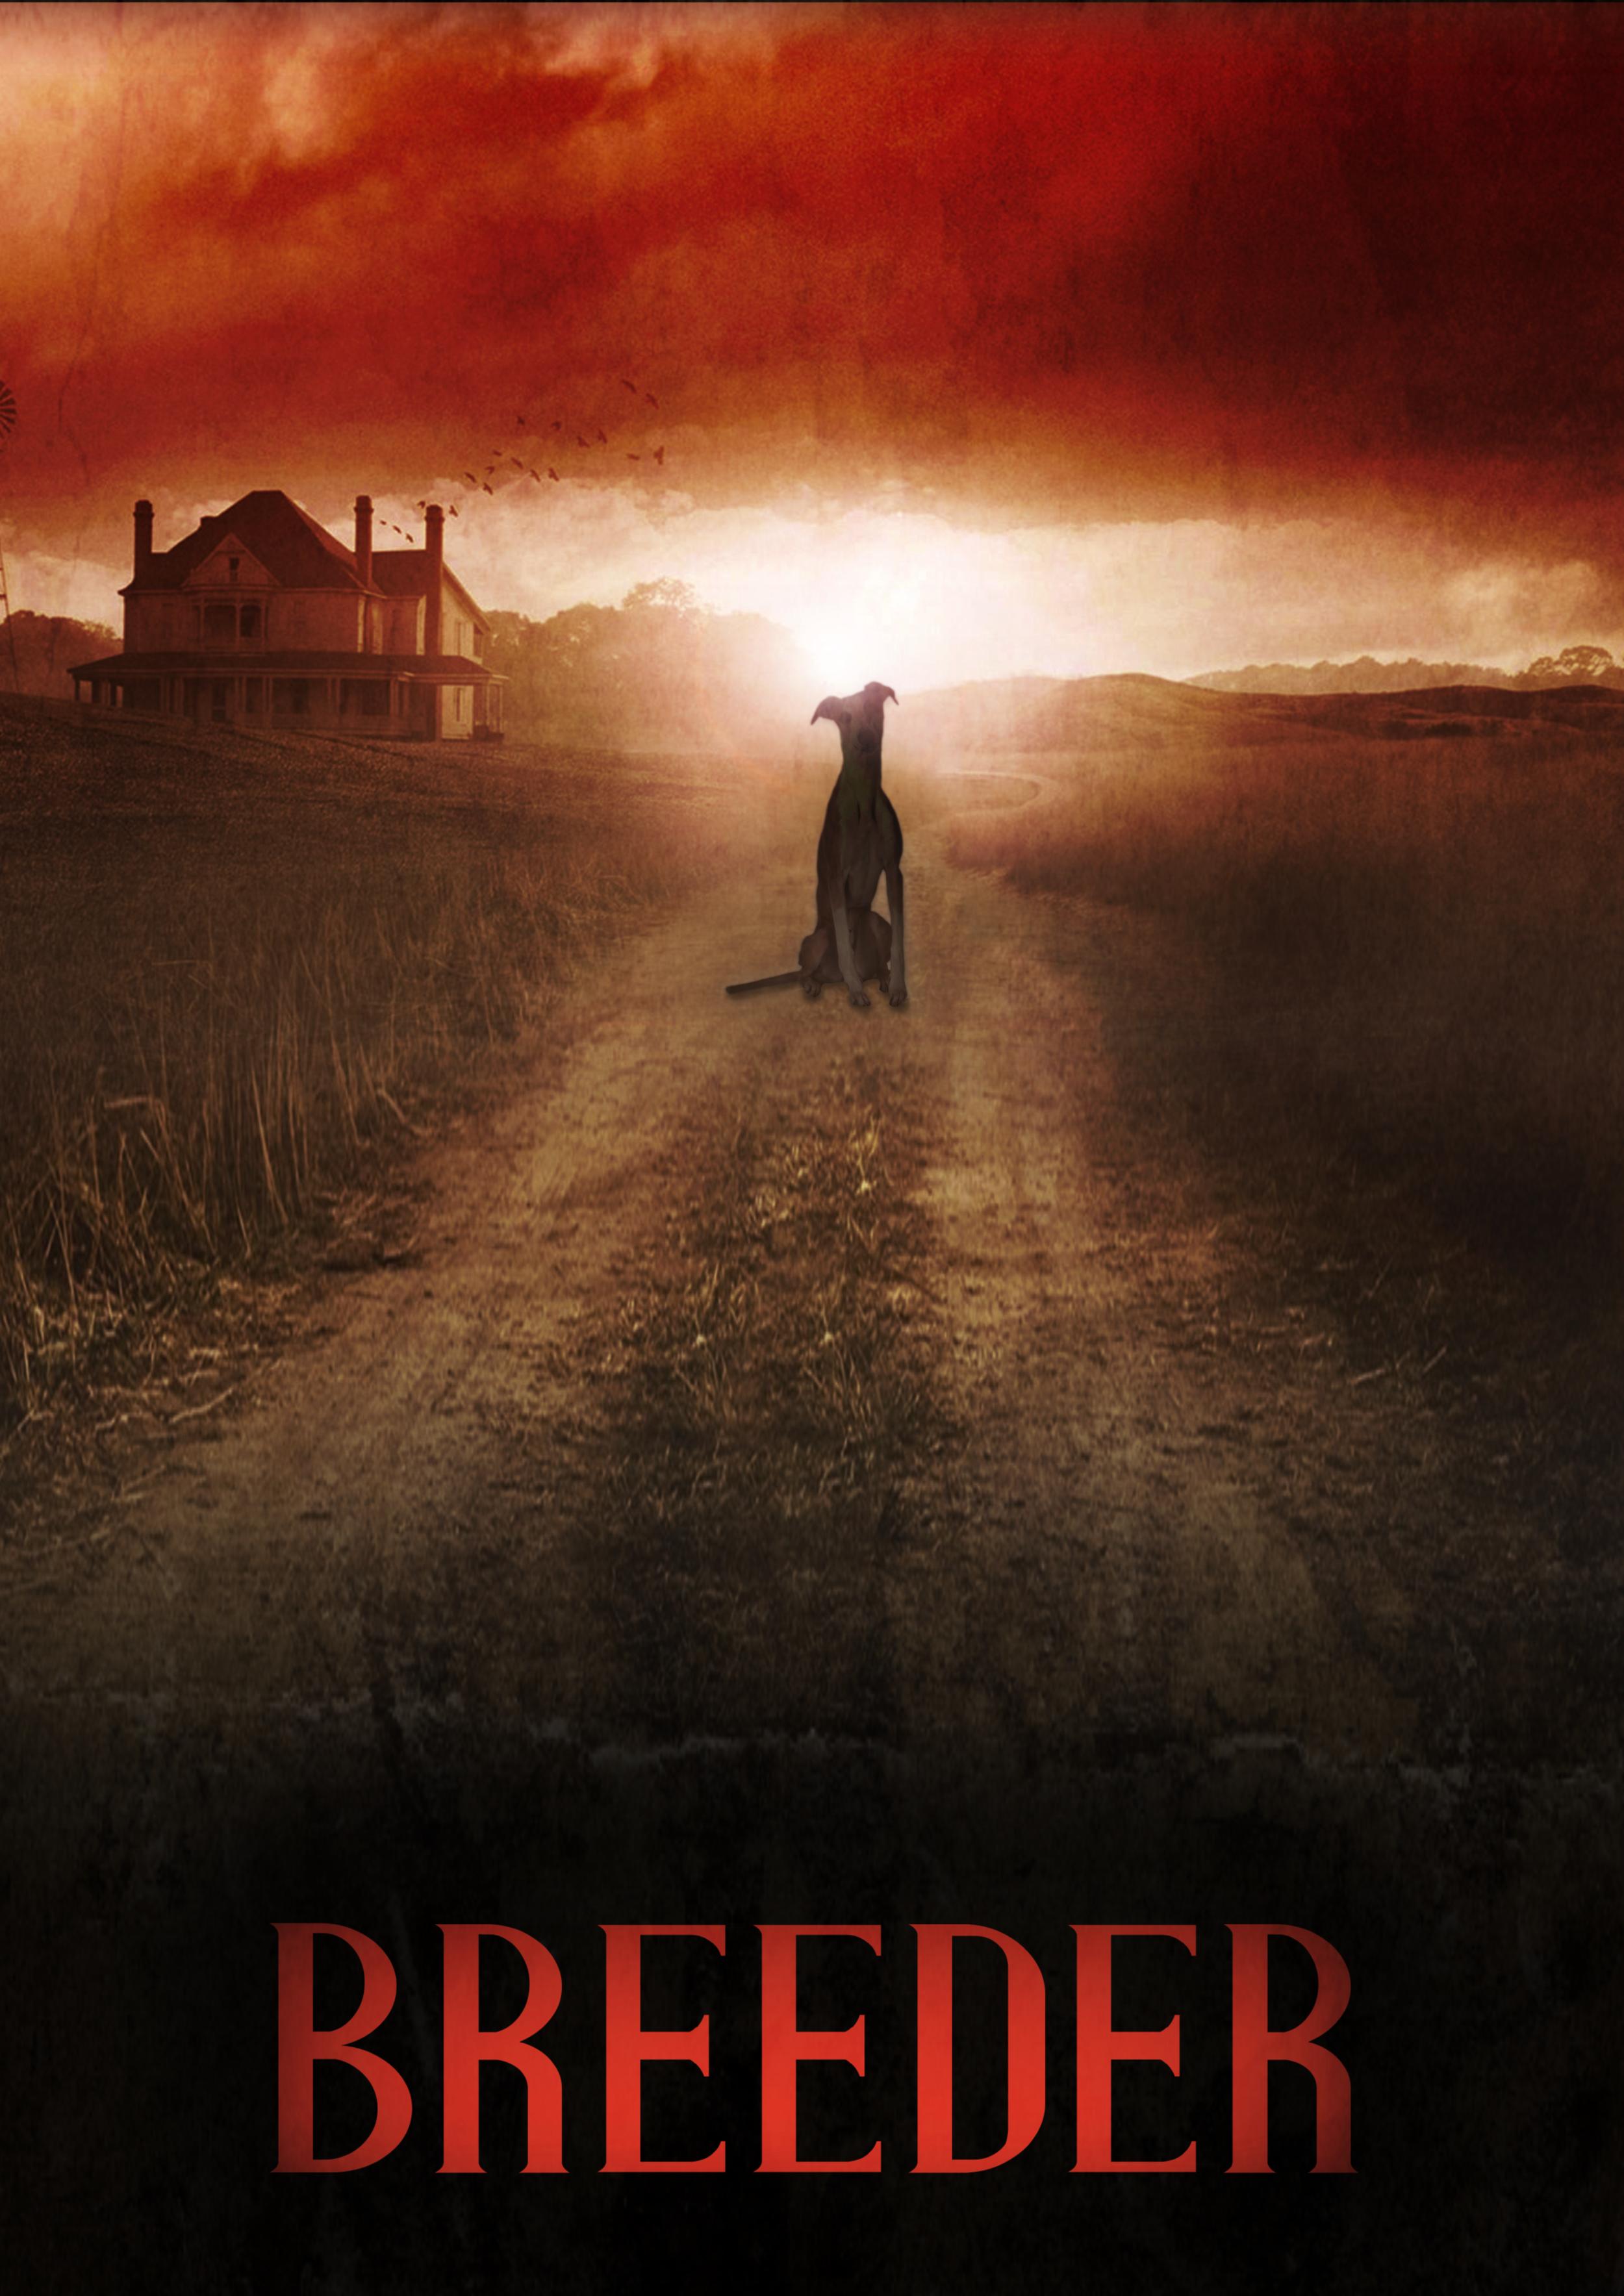 Breeder Farm Poster V2.1.png